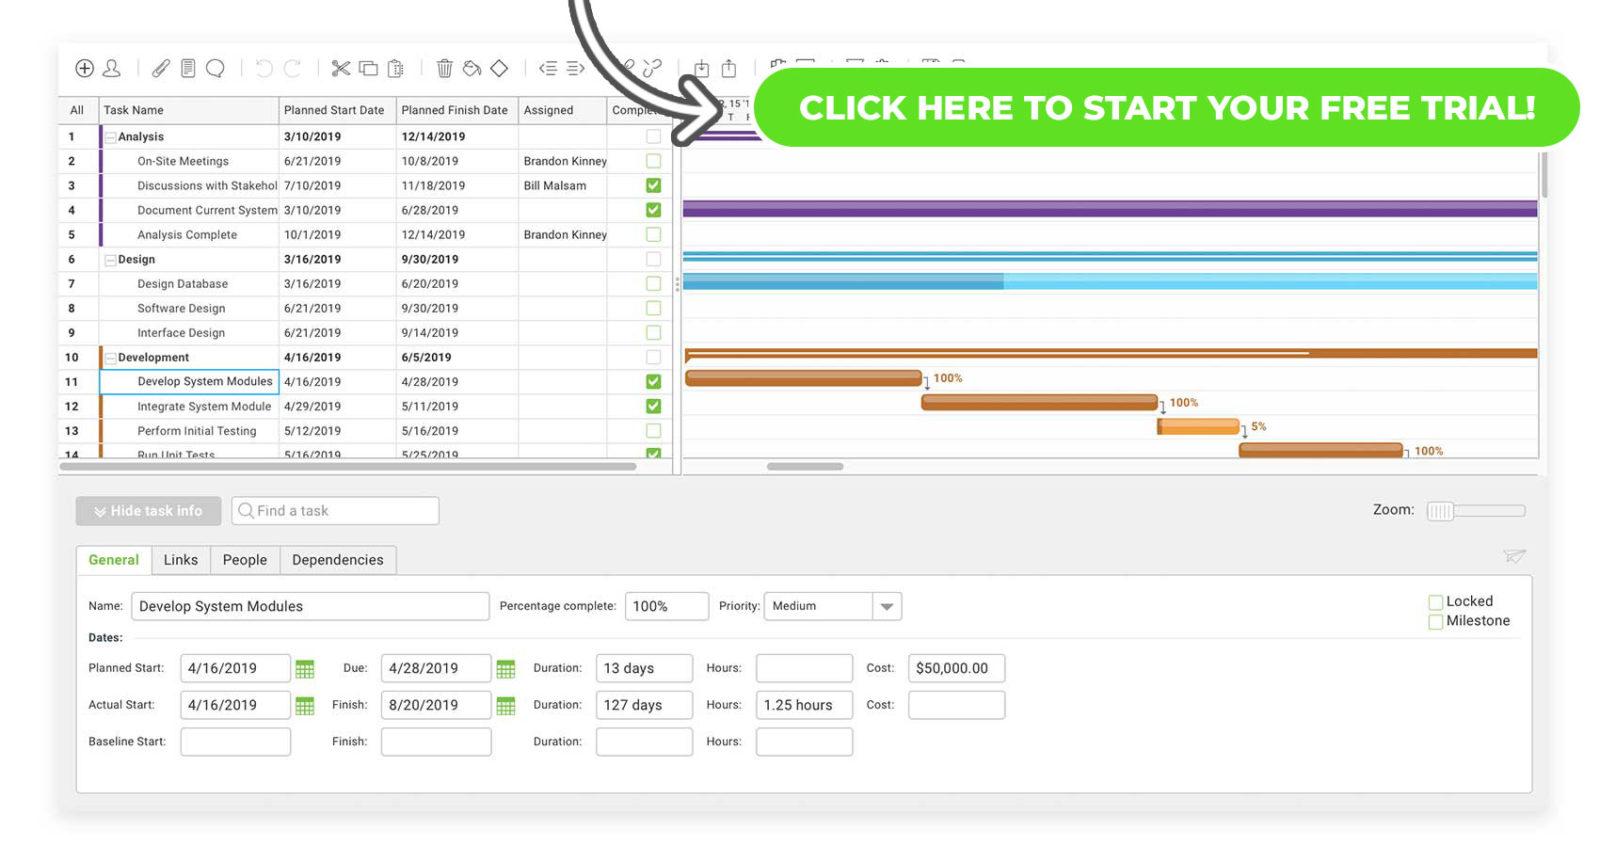 Vista de diagrama de Gantt en el software de ProjectManager.com